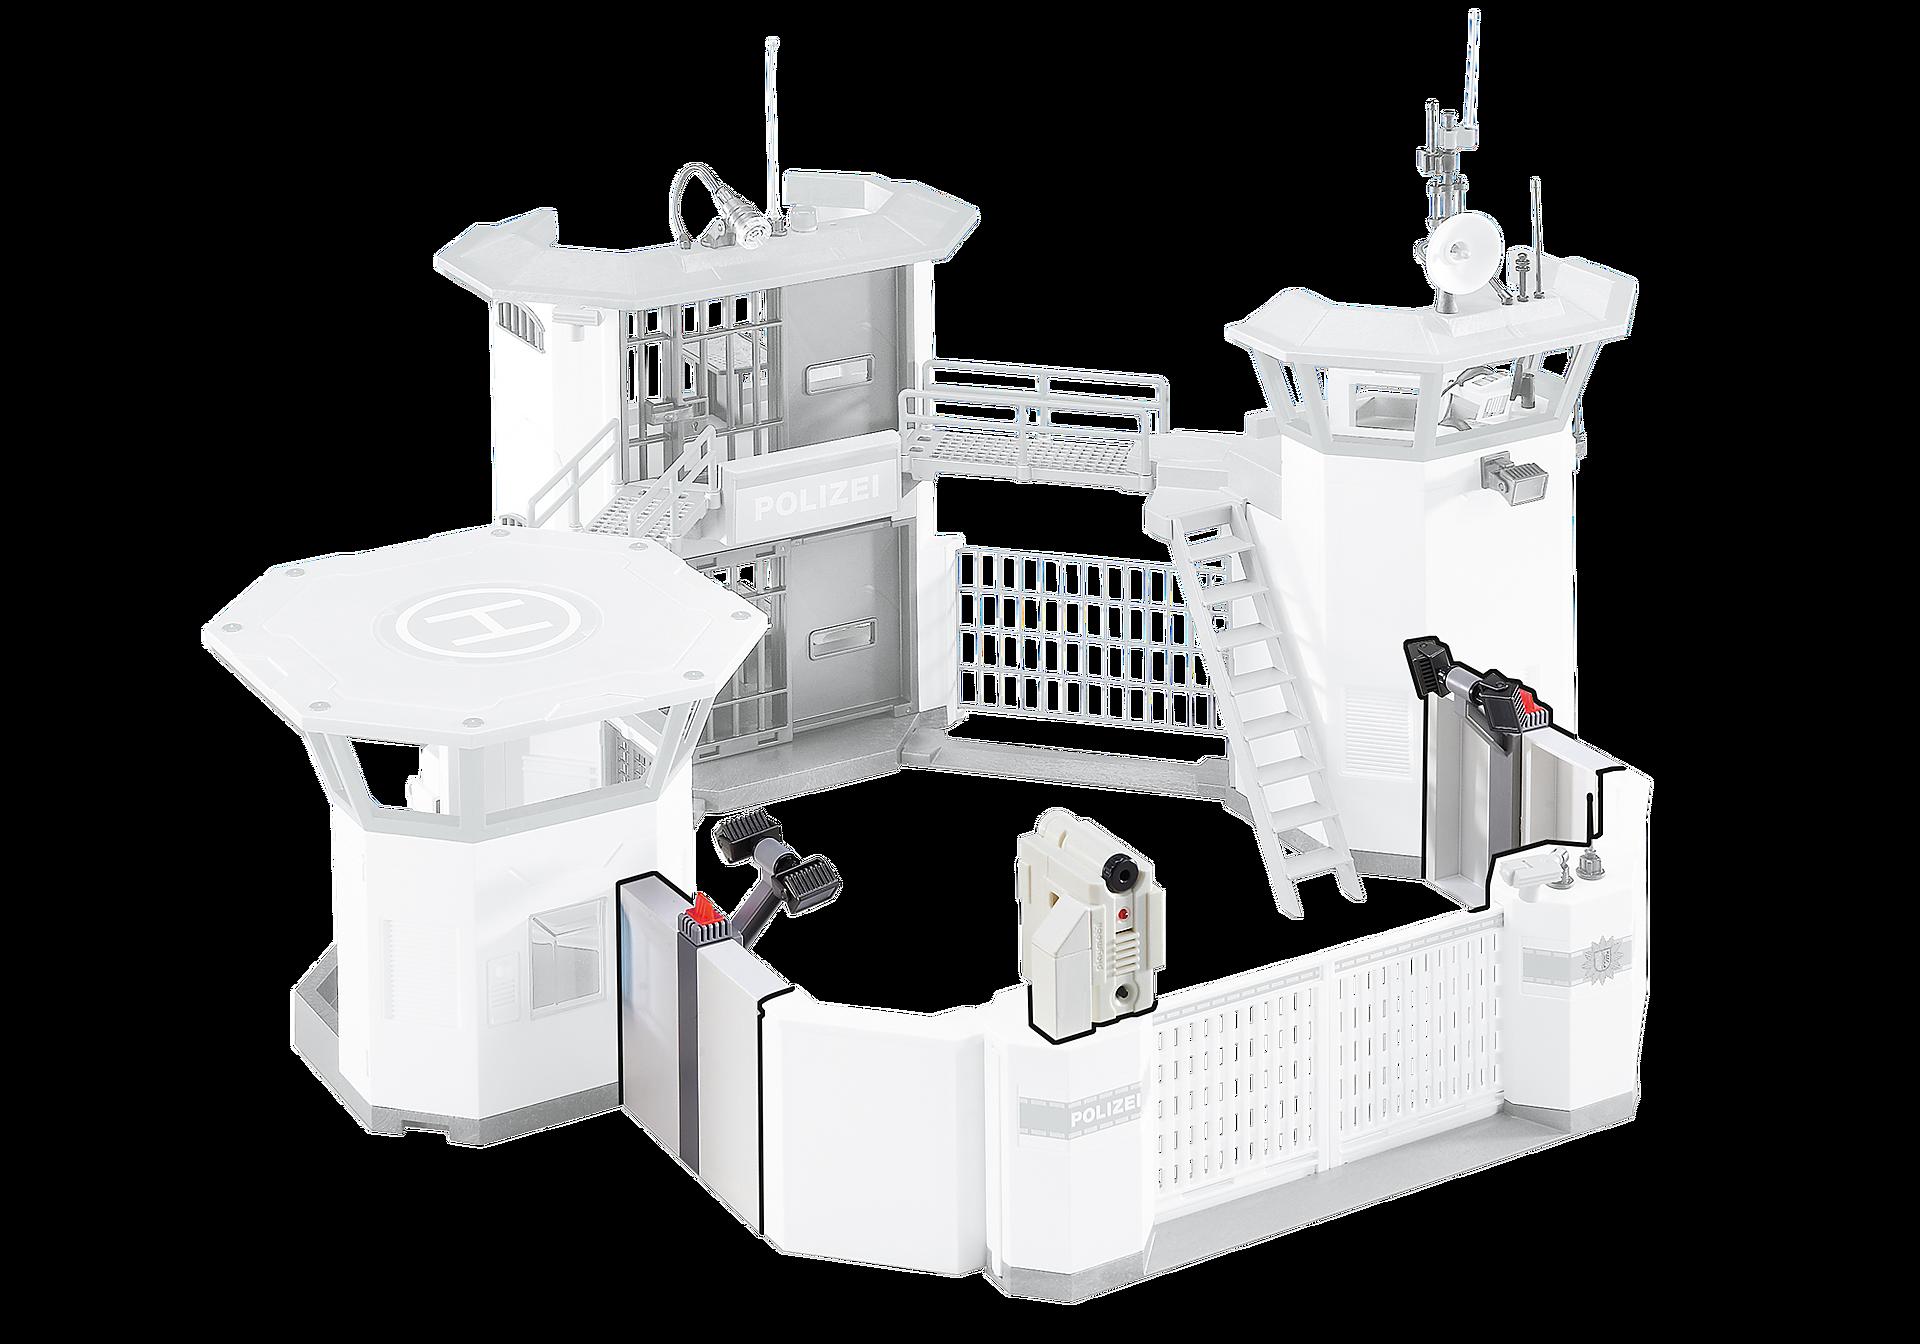 6503 Utbyggnad till polisstation/räddningsstation zoom image1